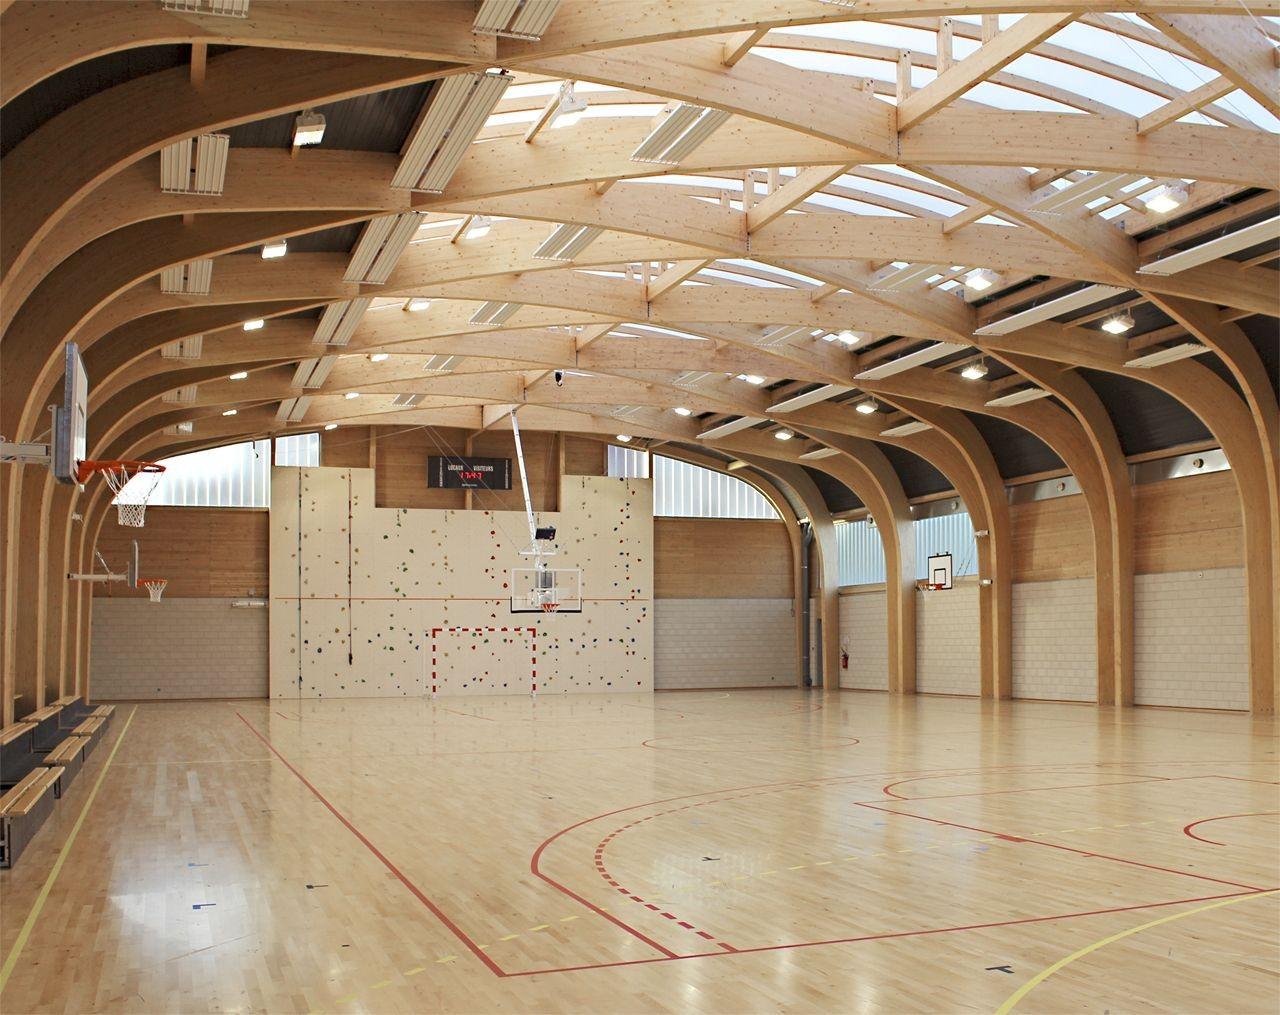 Atelier D Architecture Alexandre Dreyssé gymnasium régis racine / atelier d'architecture alexandre